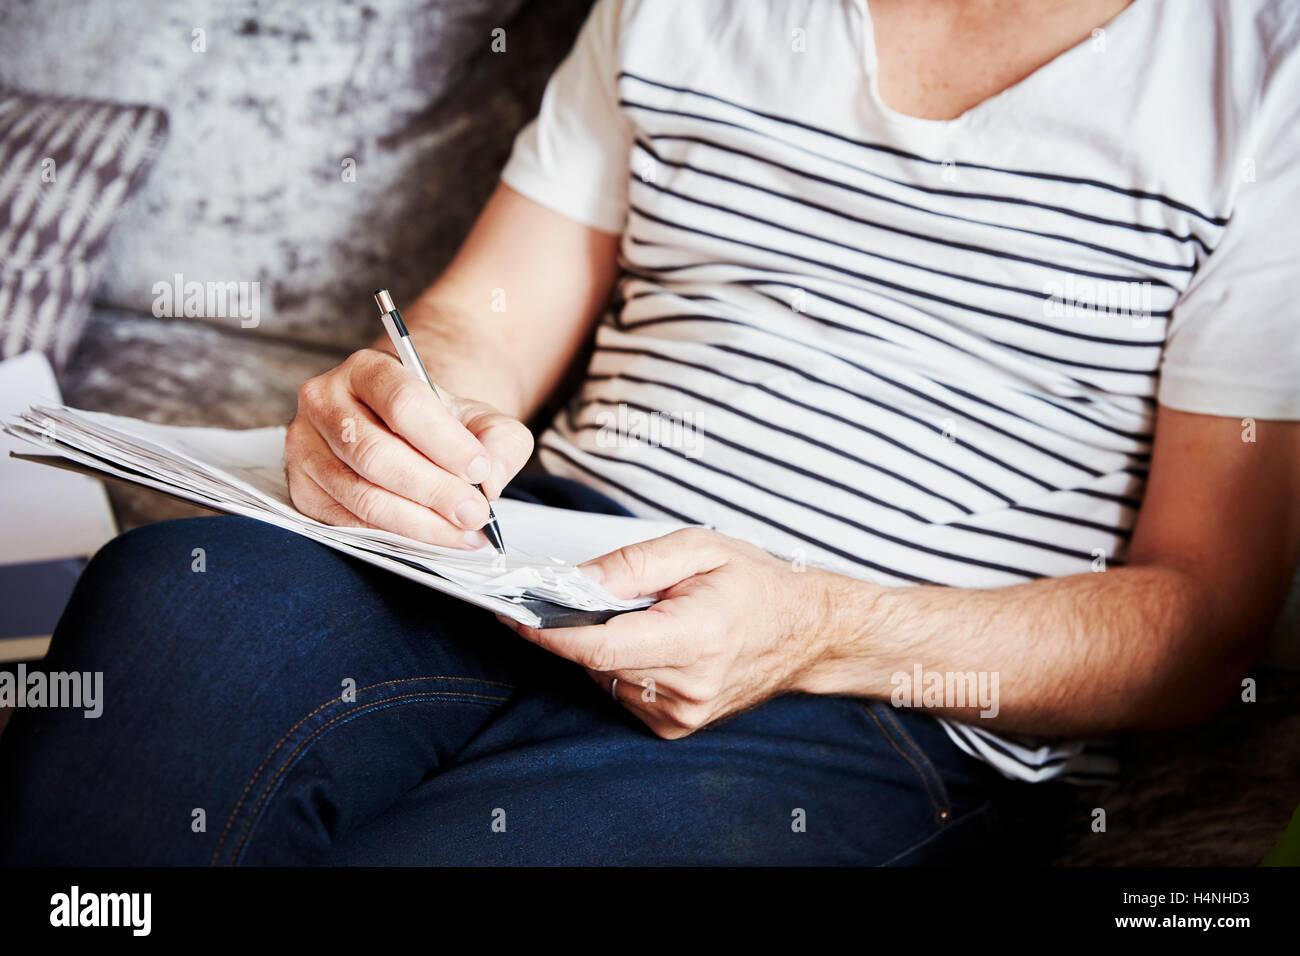 Un uomo seduto utilizzando una penna e schizzi di disegno, un progettista al lavoro. Foto Stock